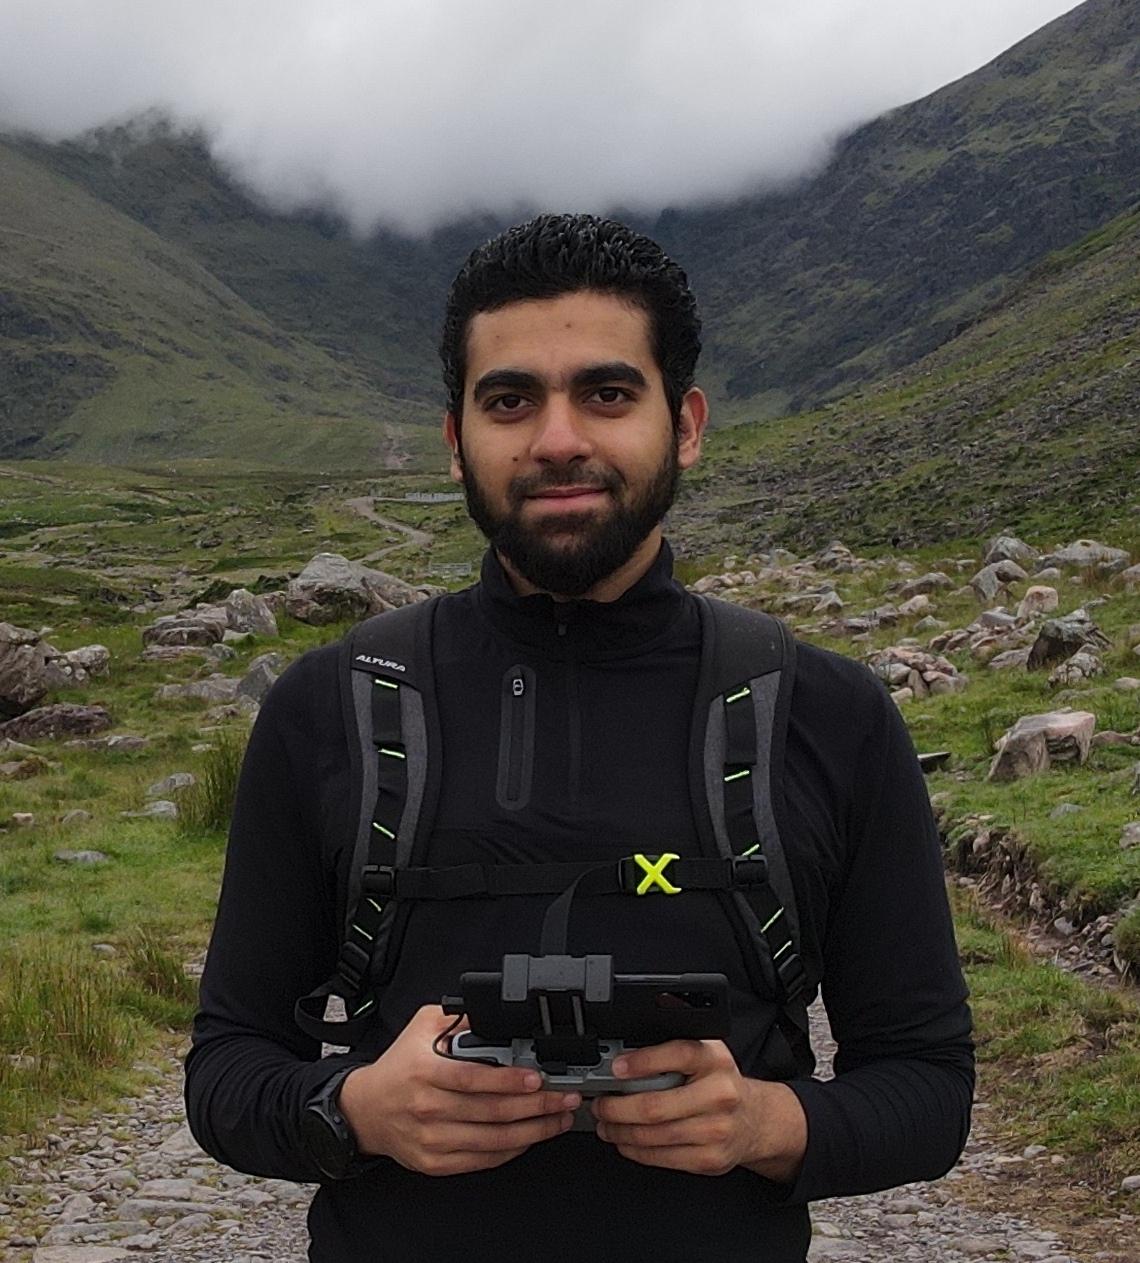 Alaa Saeed